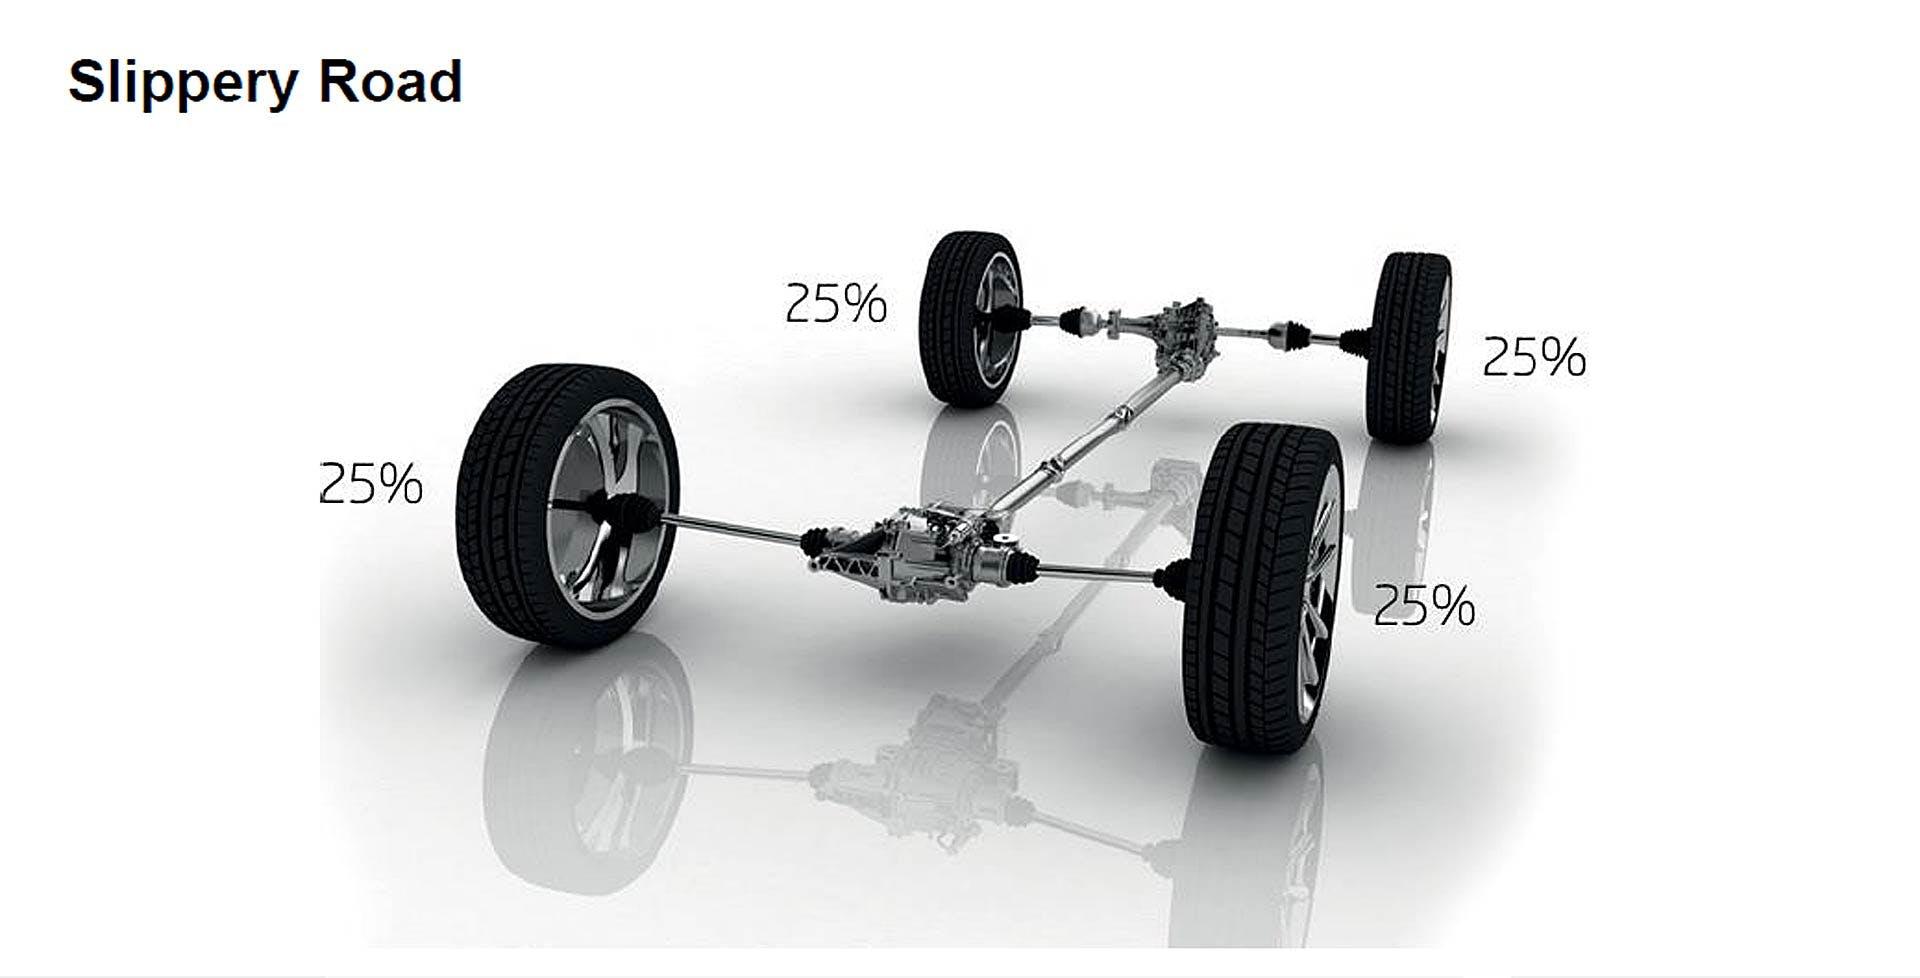 Ripartizione della coppia del sistema di trazione integrale Škoda in condizioni di strada uniformemente scivolosa